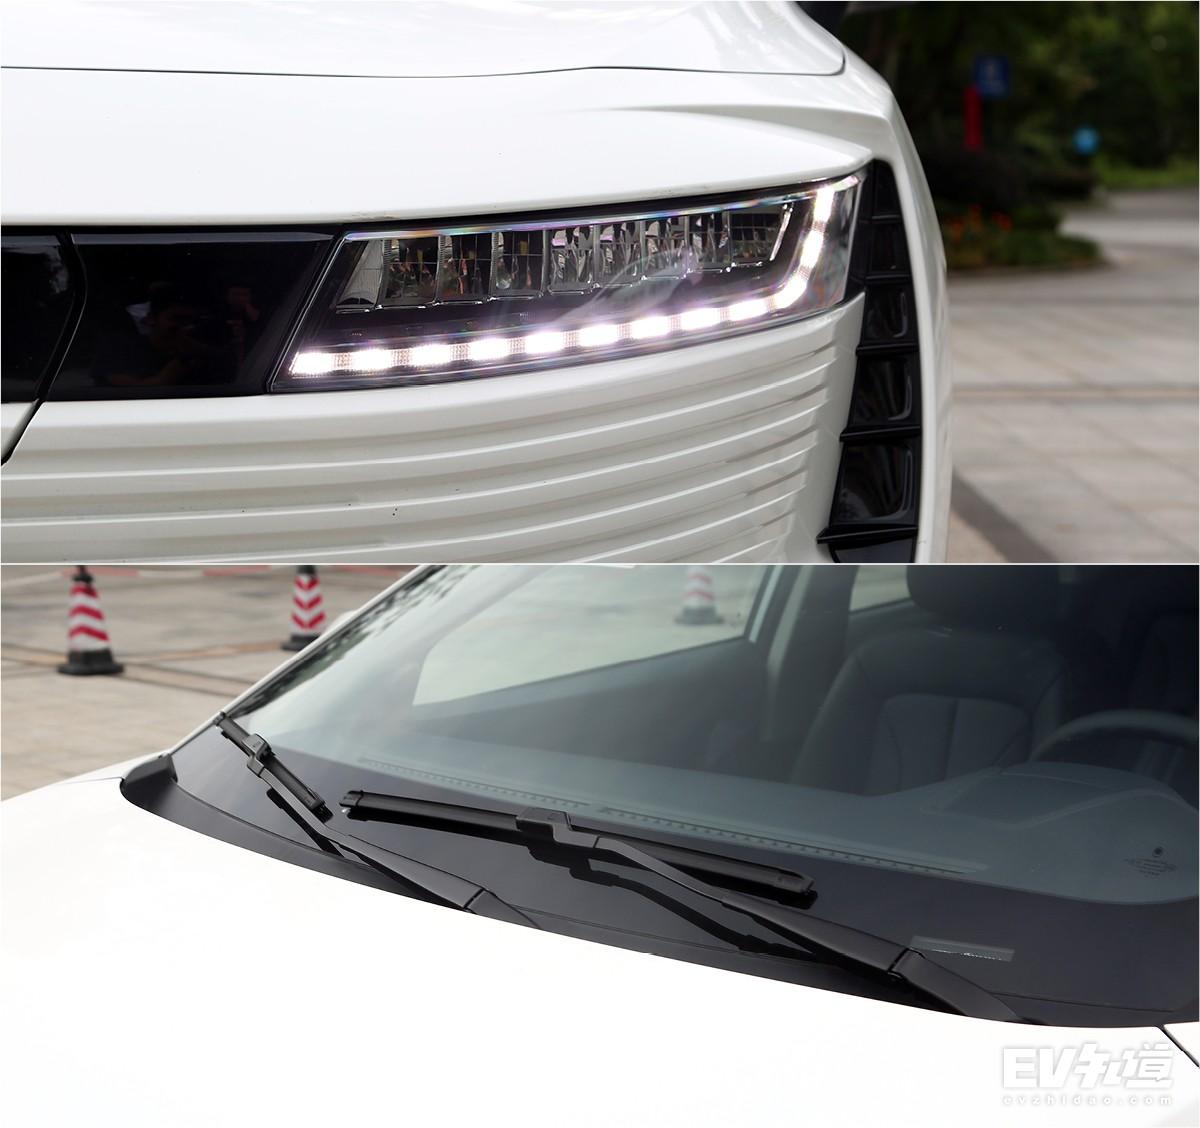 全系标配LED大灯 长城欧拉iQ购车手册